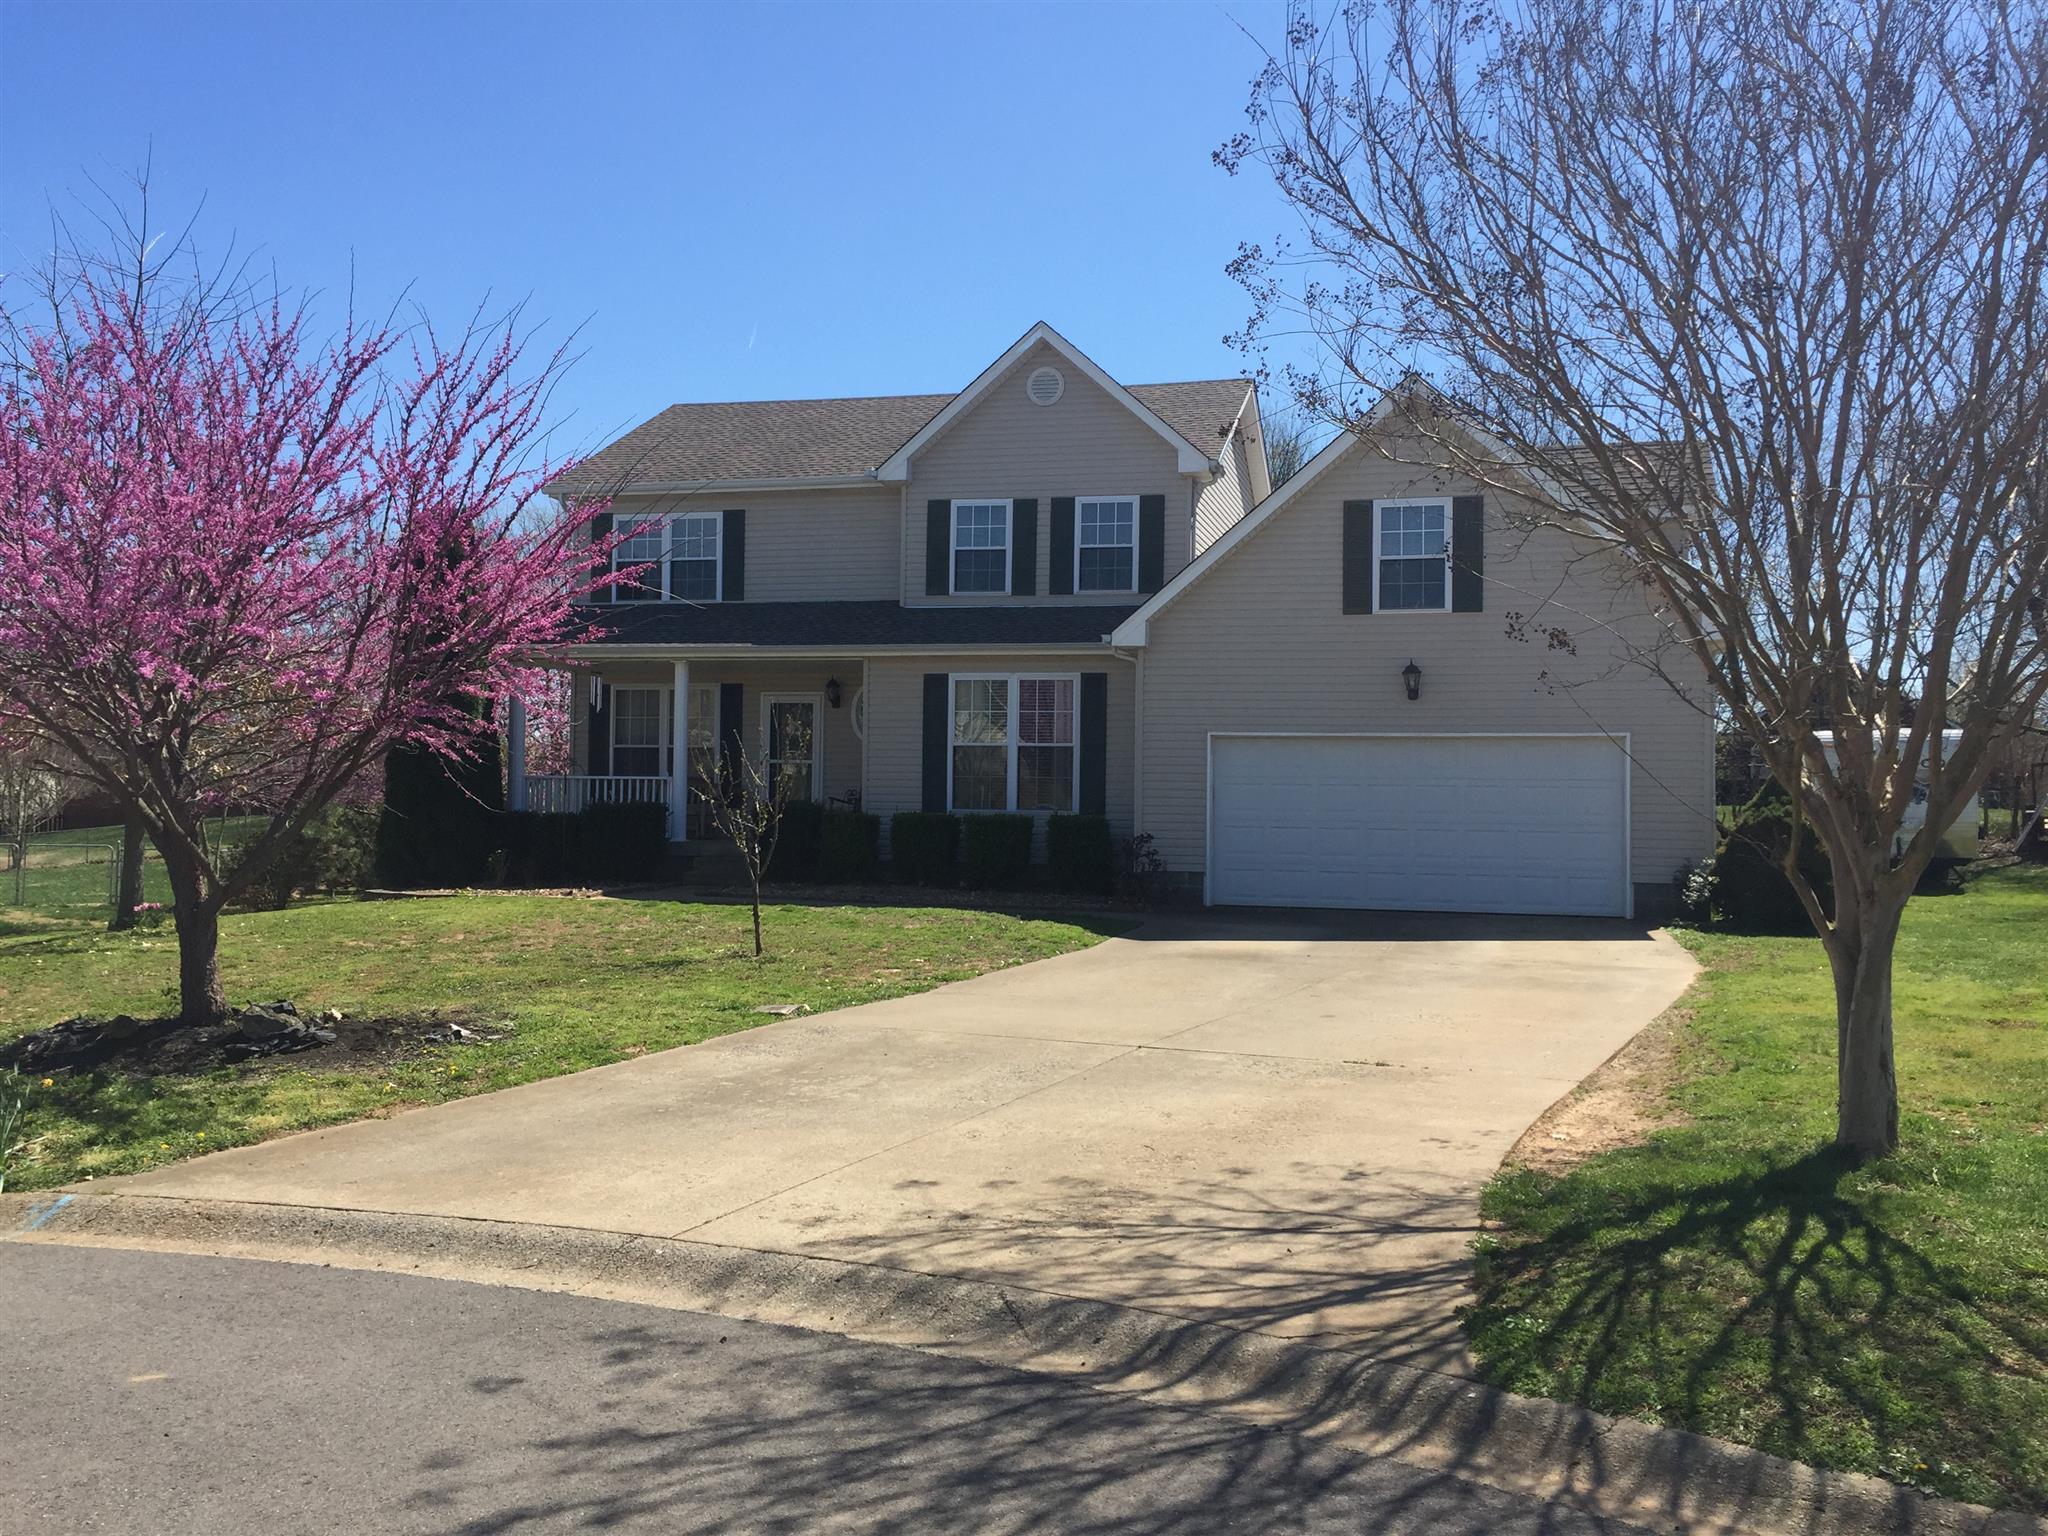 592 Westchester Ct, Clarksville, TN 37043